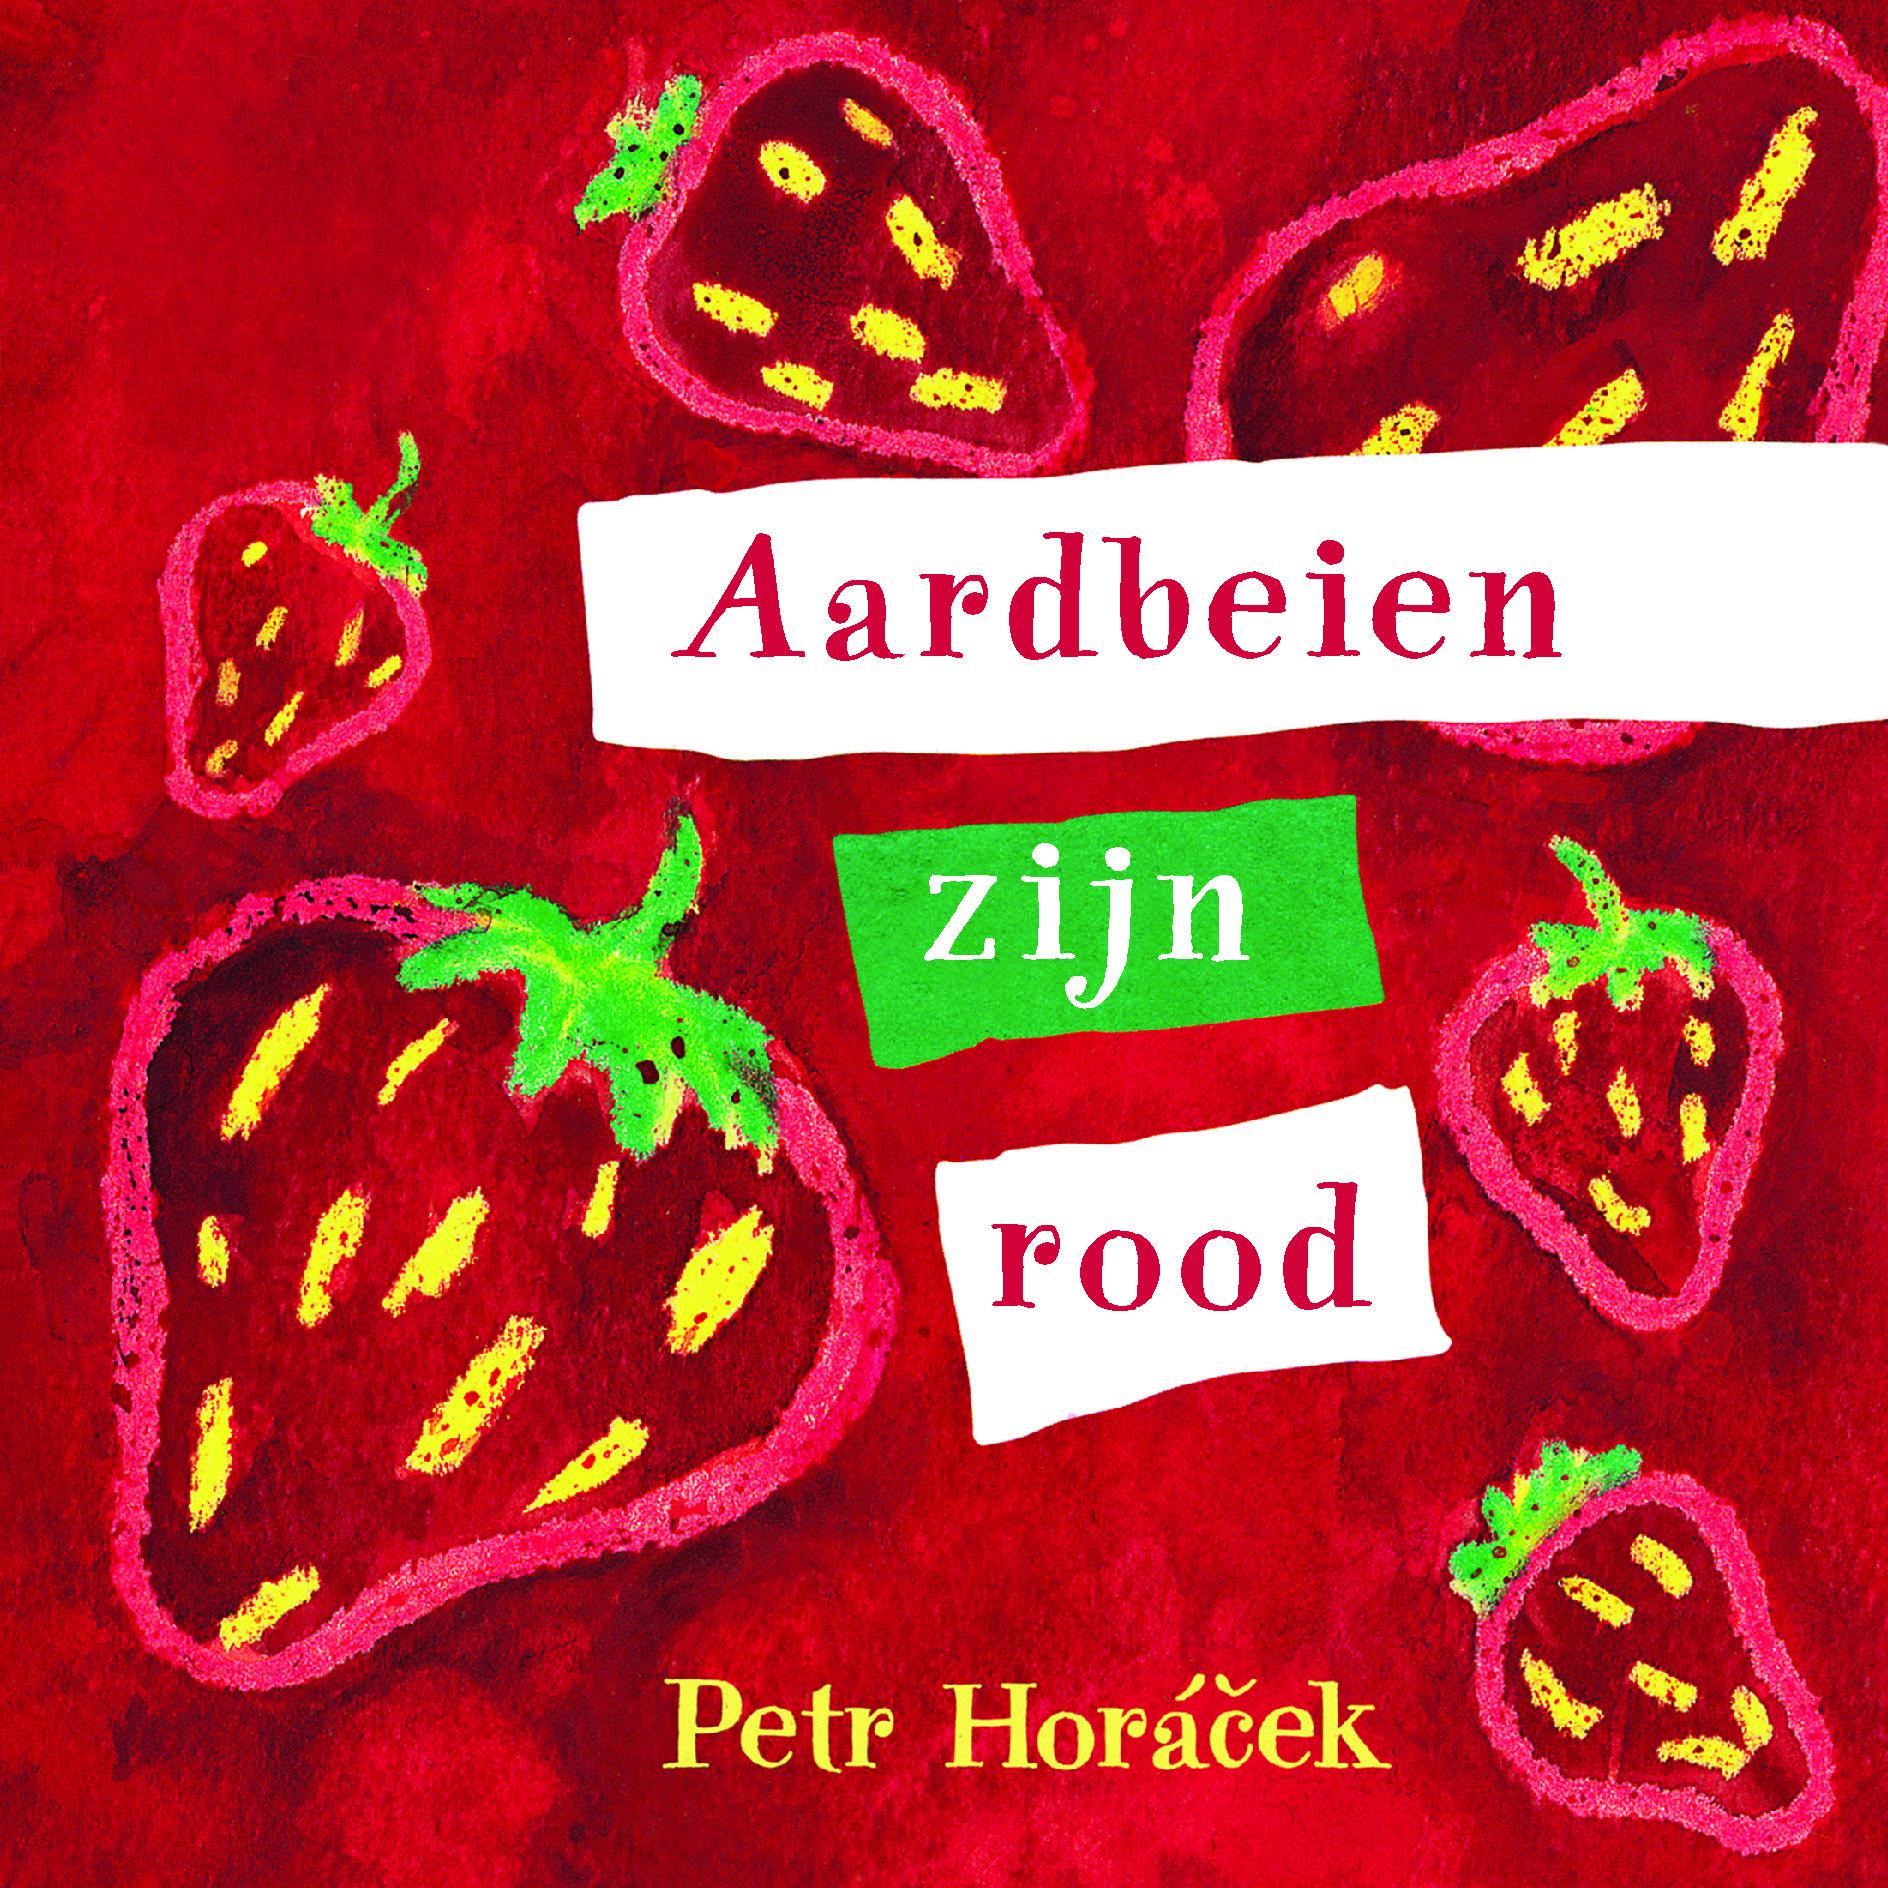 Aardbeien zijn rood Boek omslag